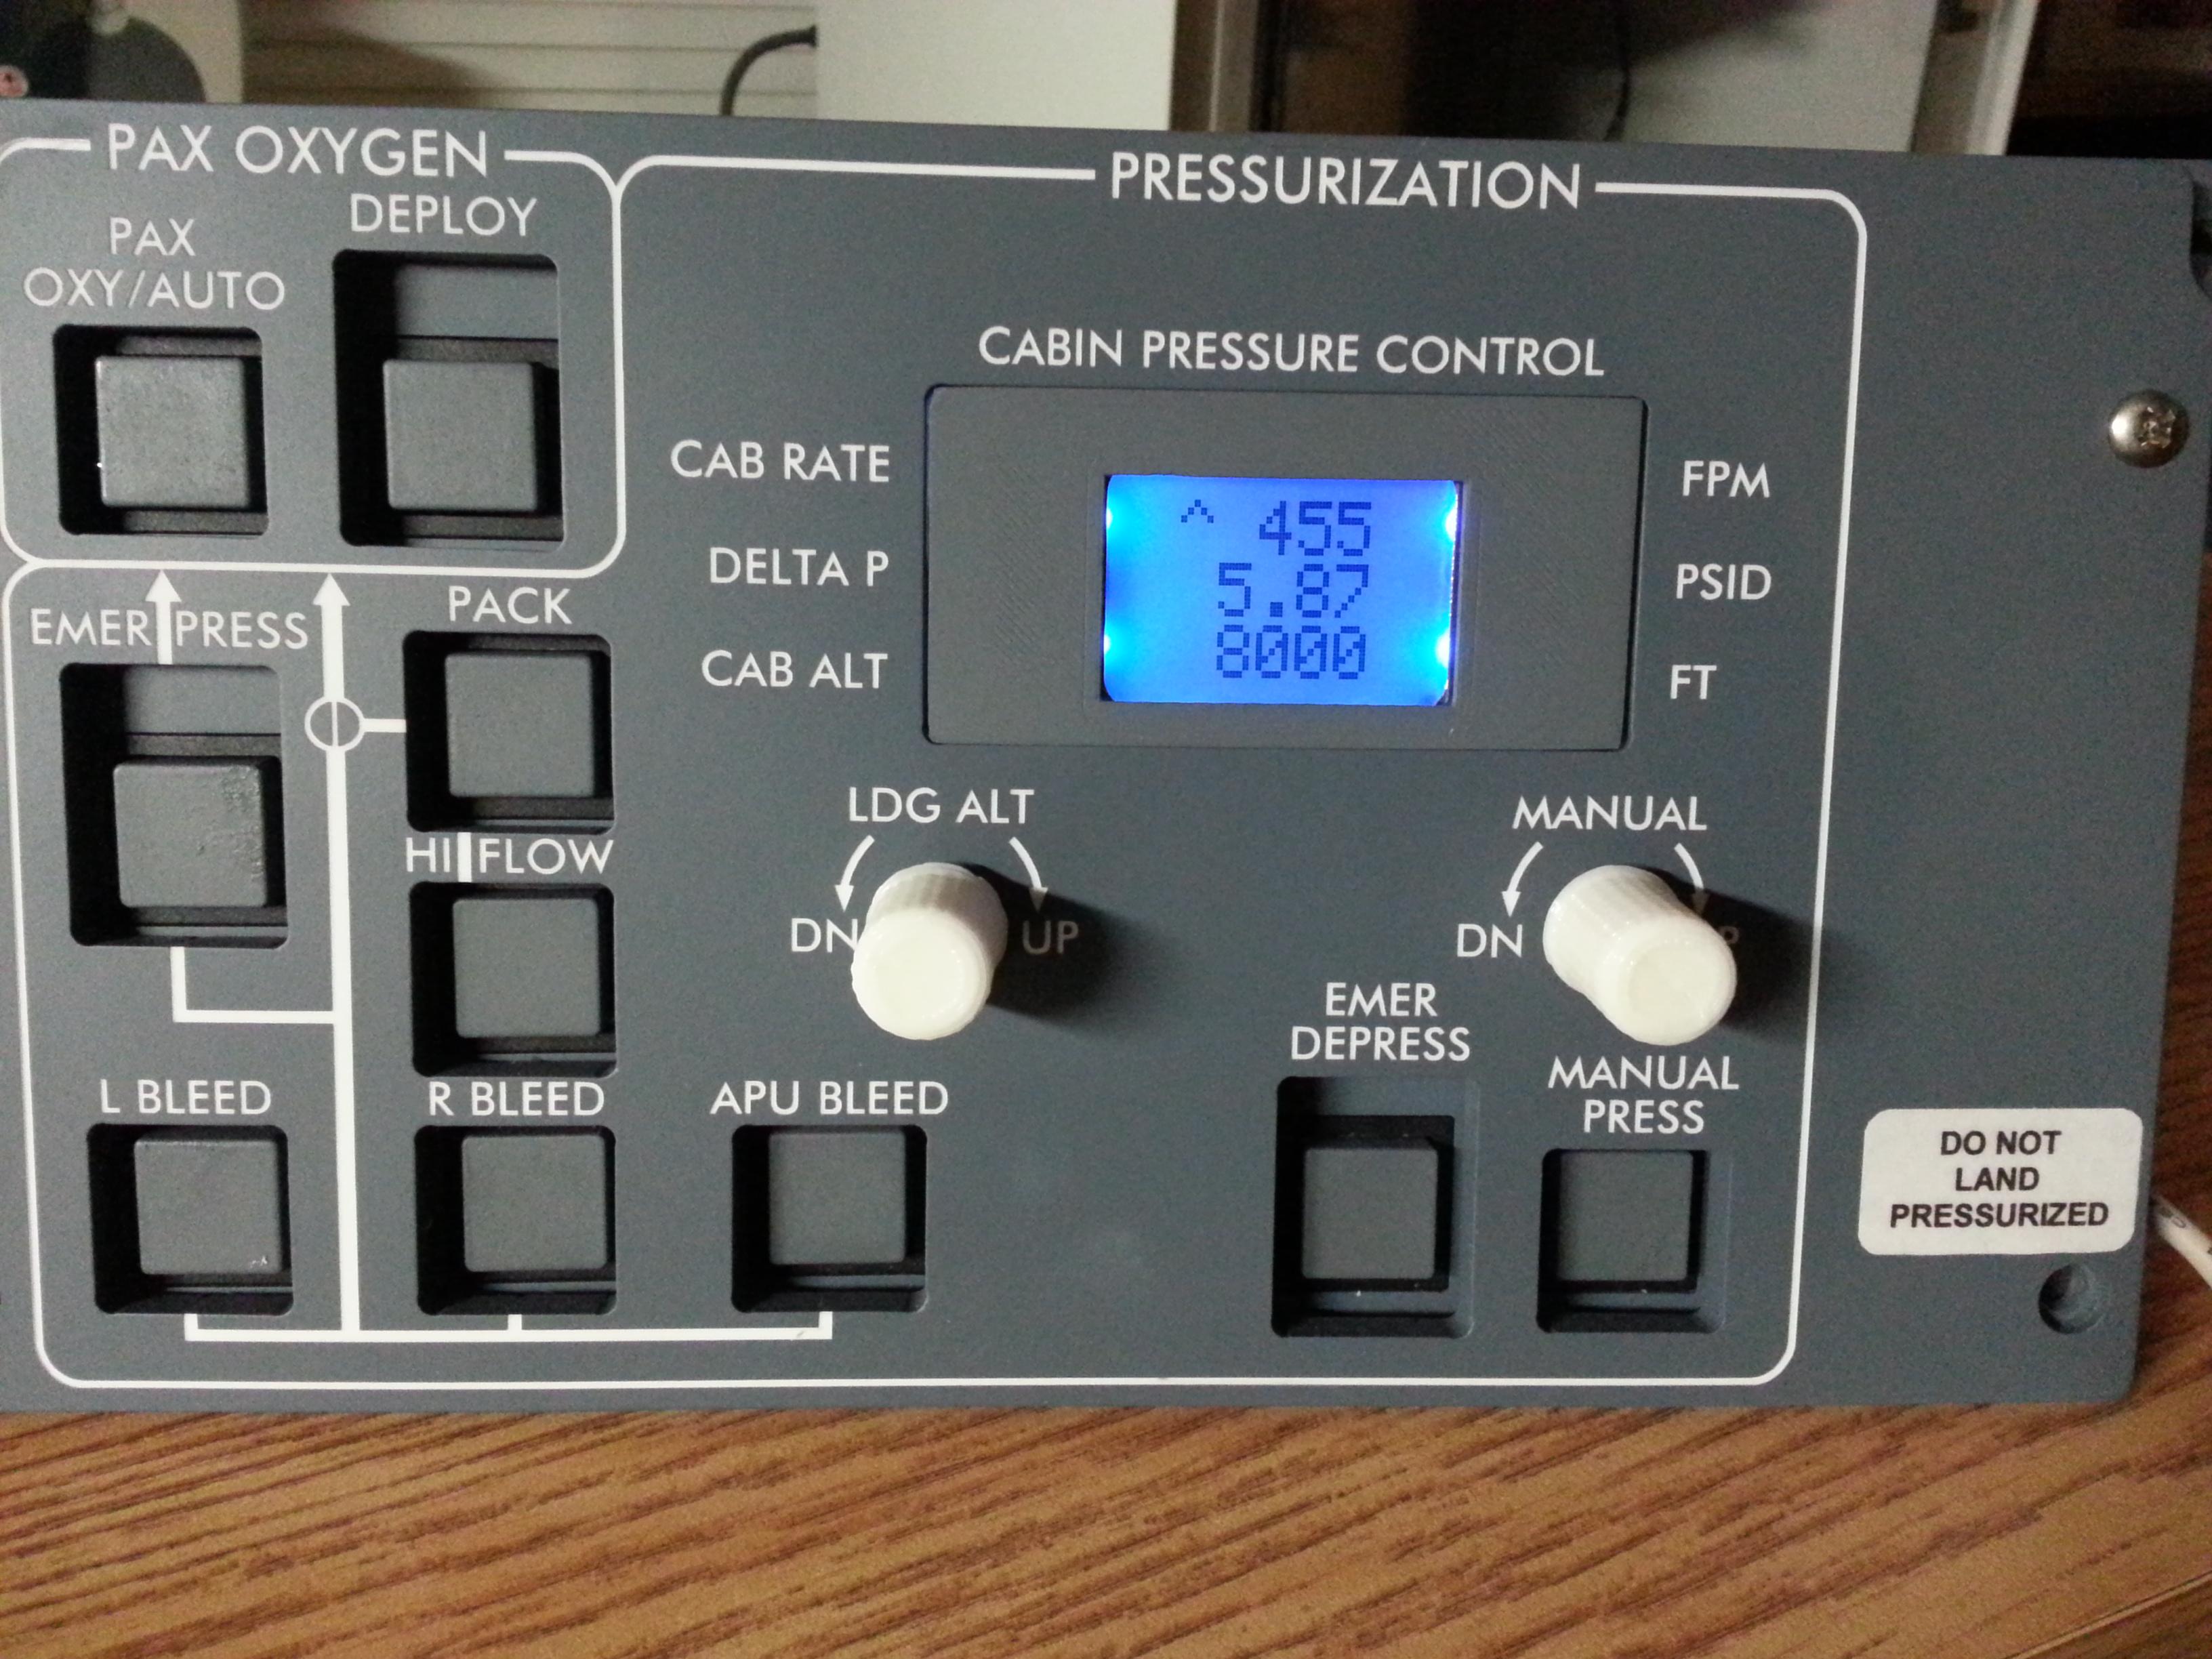 Arduino Cabin Pressure Panel